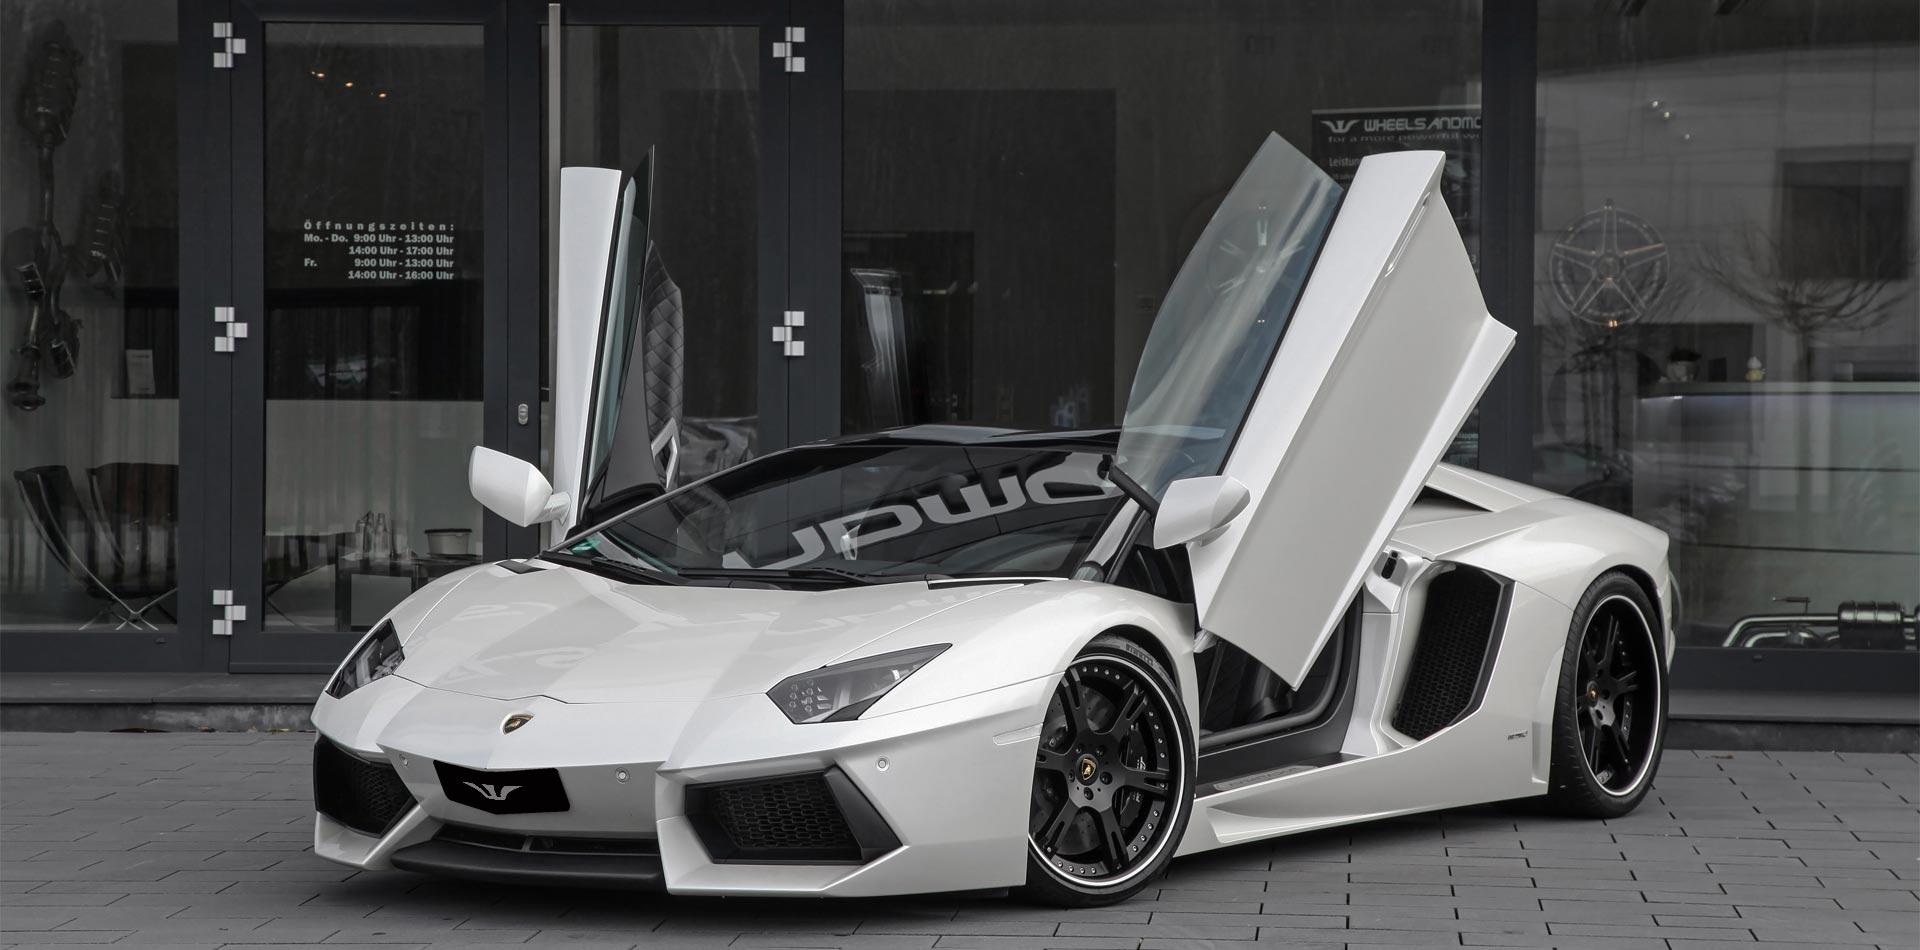 Lamborghini Bildergalerie